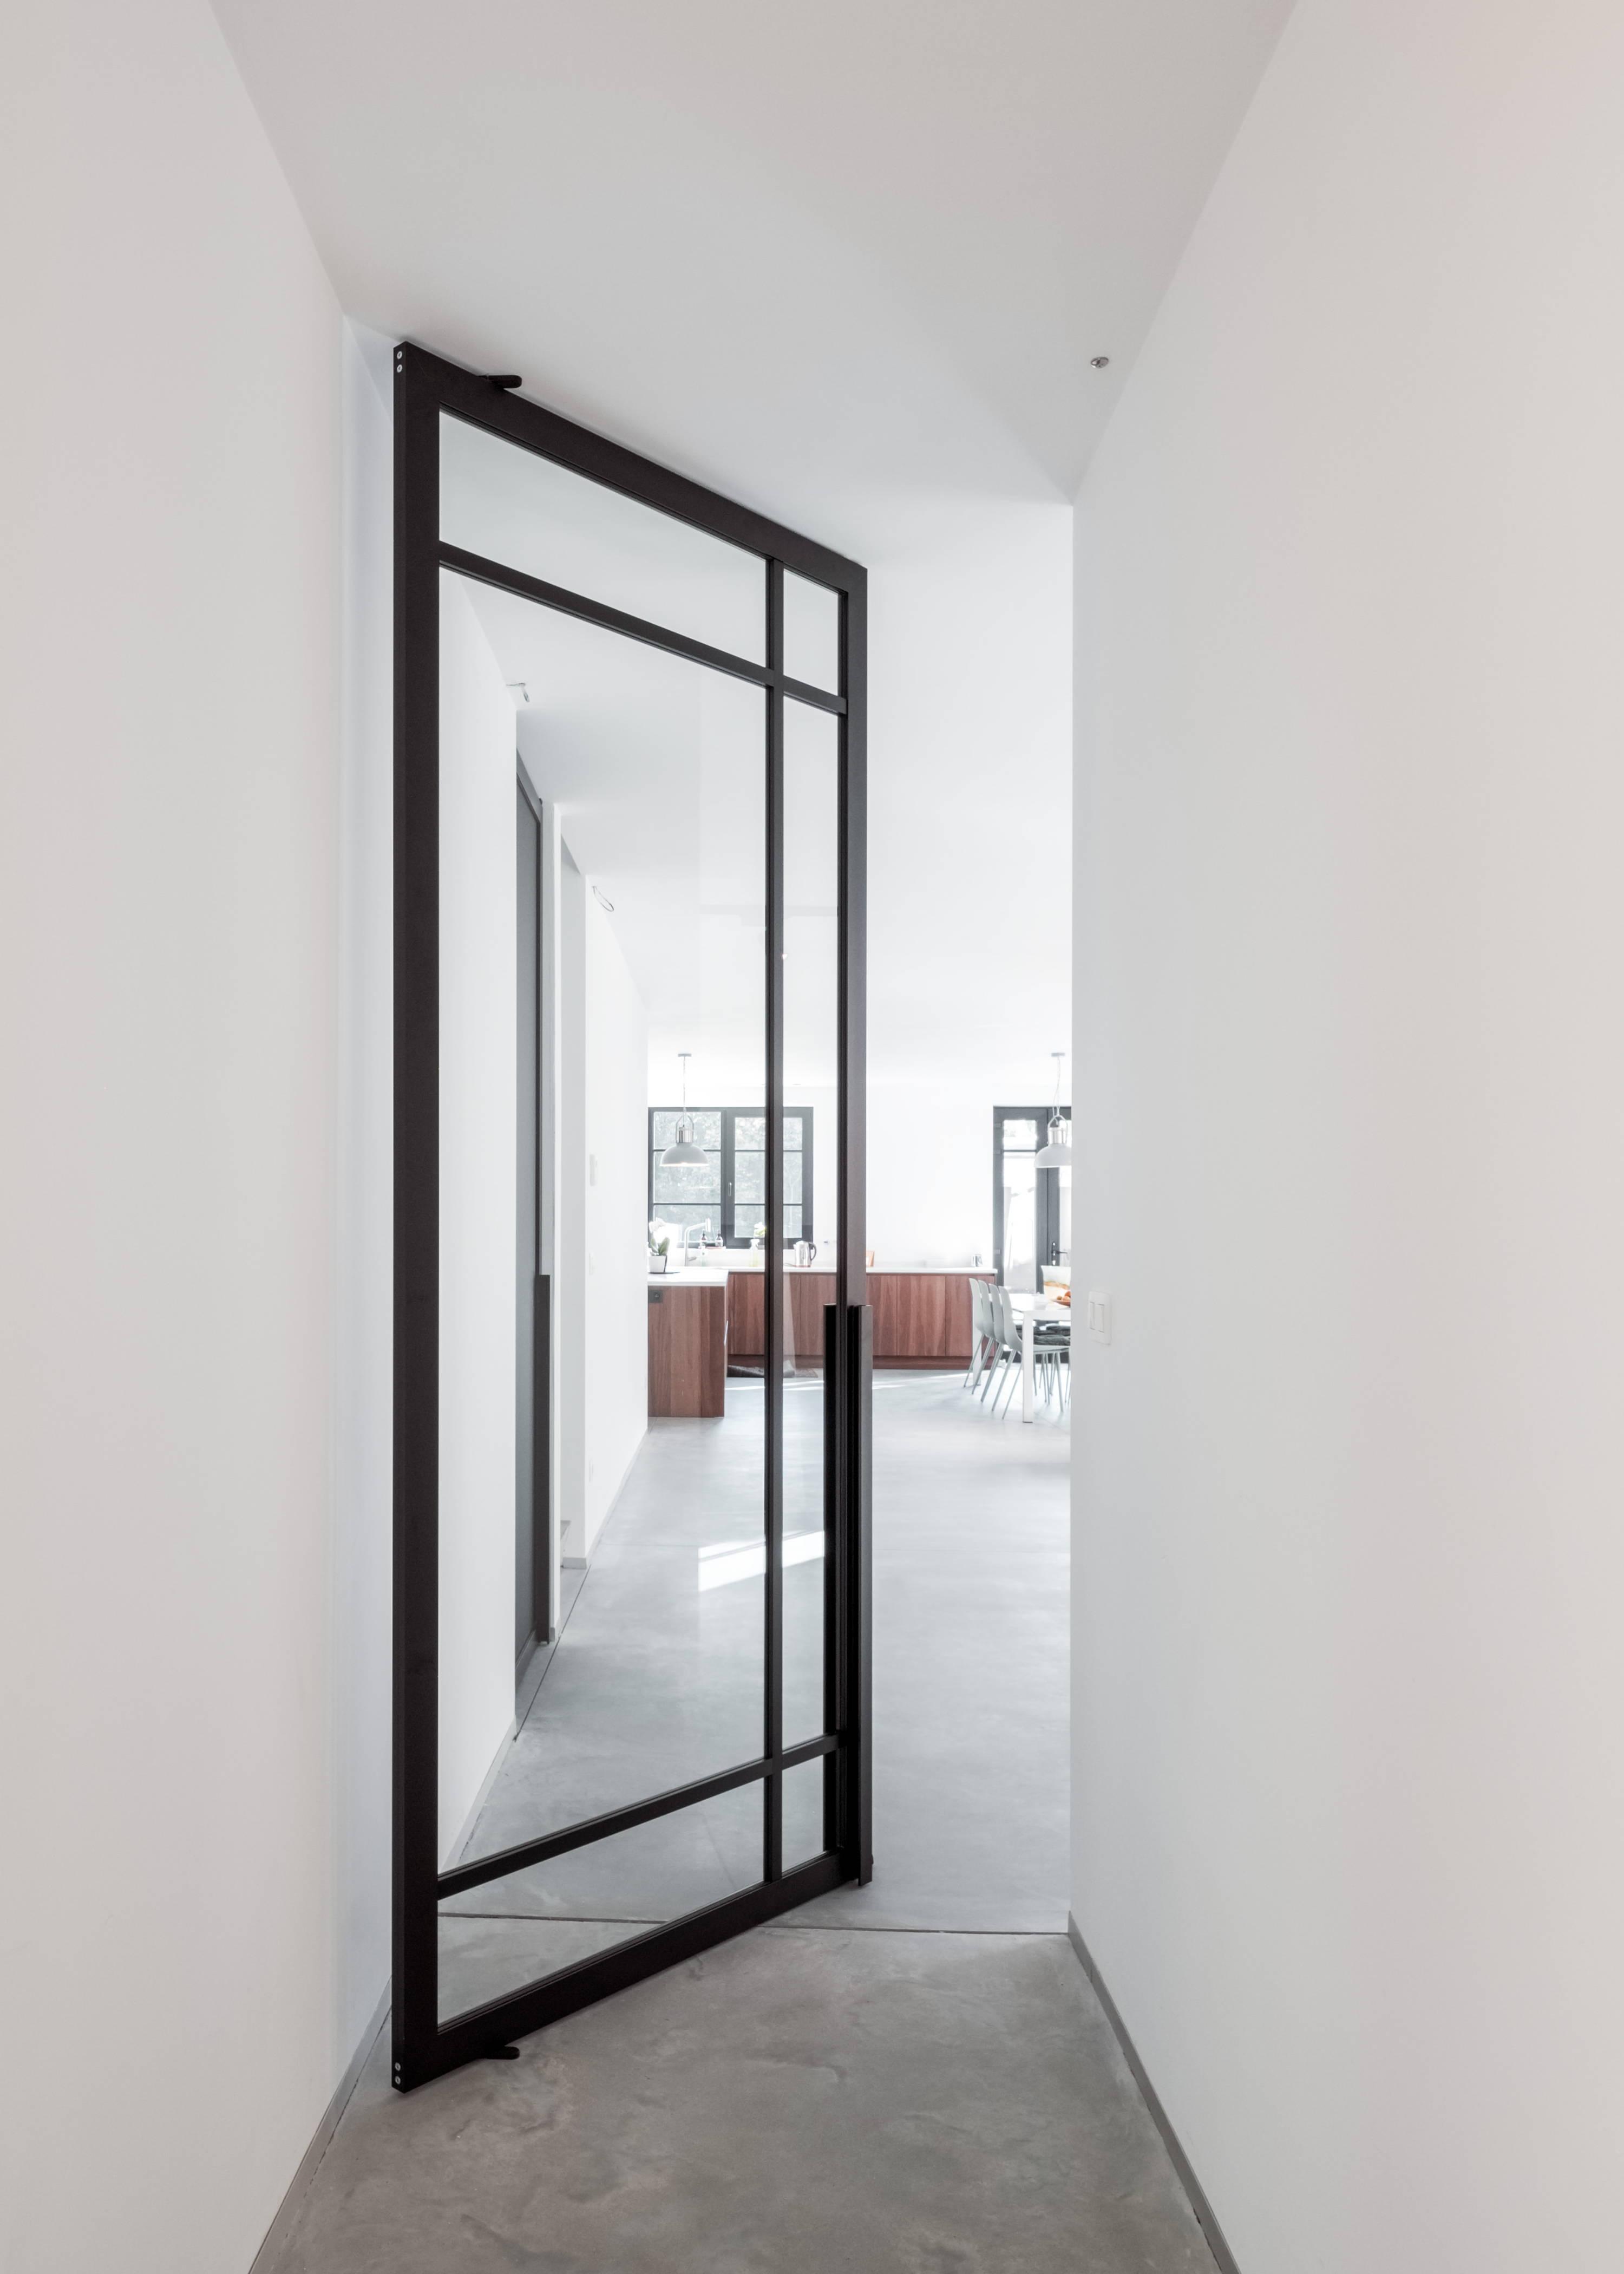 Glass pivot door with steel look profiles